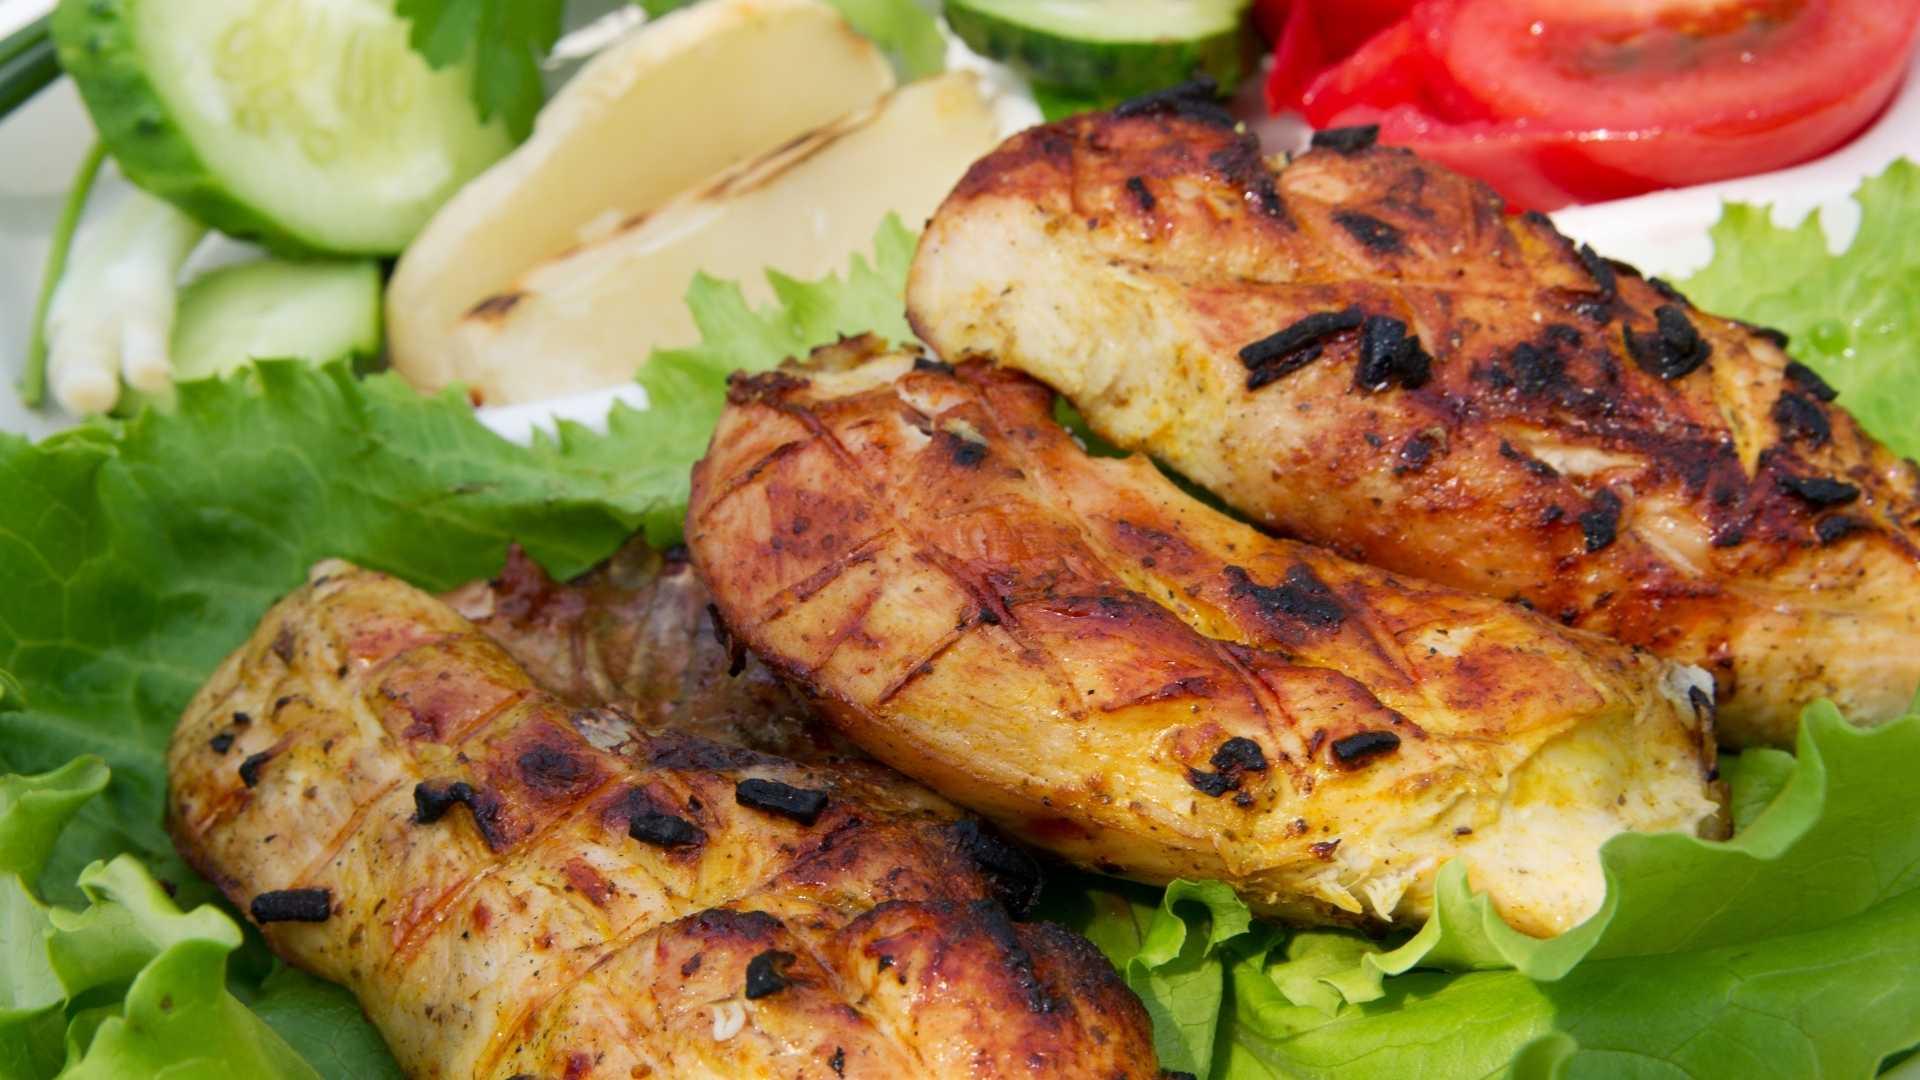 Receitas saudáveis - Frango Grelhado com Legumes